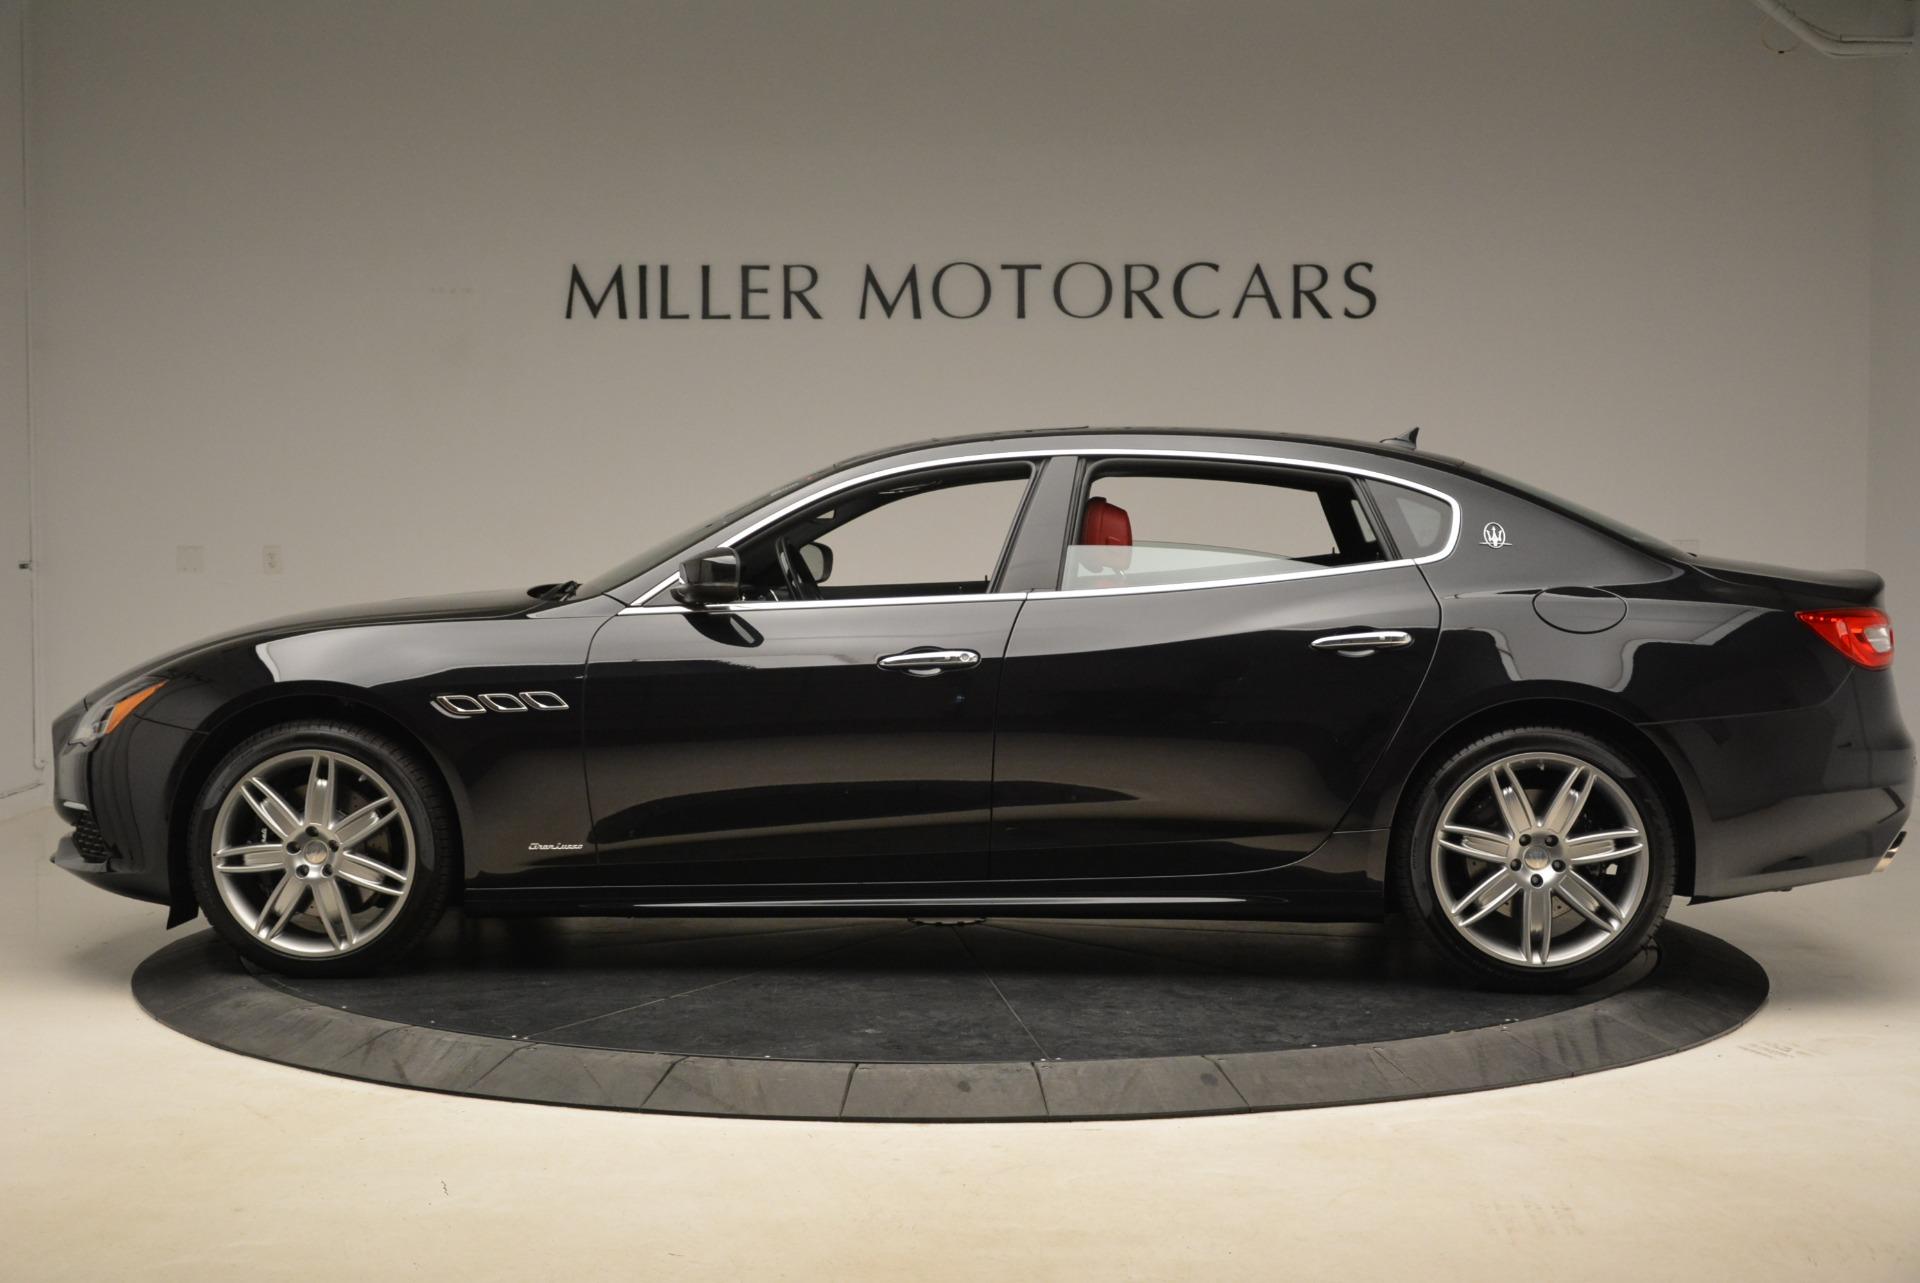 New 2018 Maserati Quattroporte S Q4 GranLusso For Sale In Greenwich, CT 2391_p3